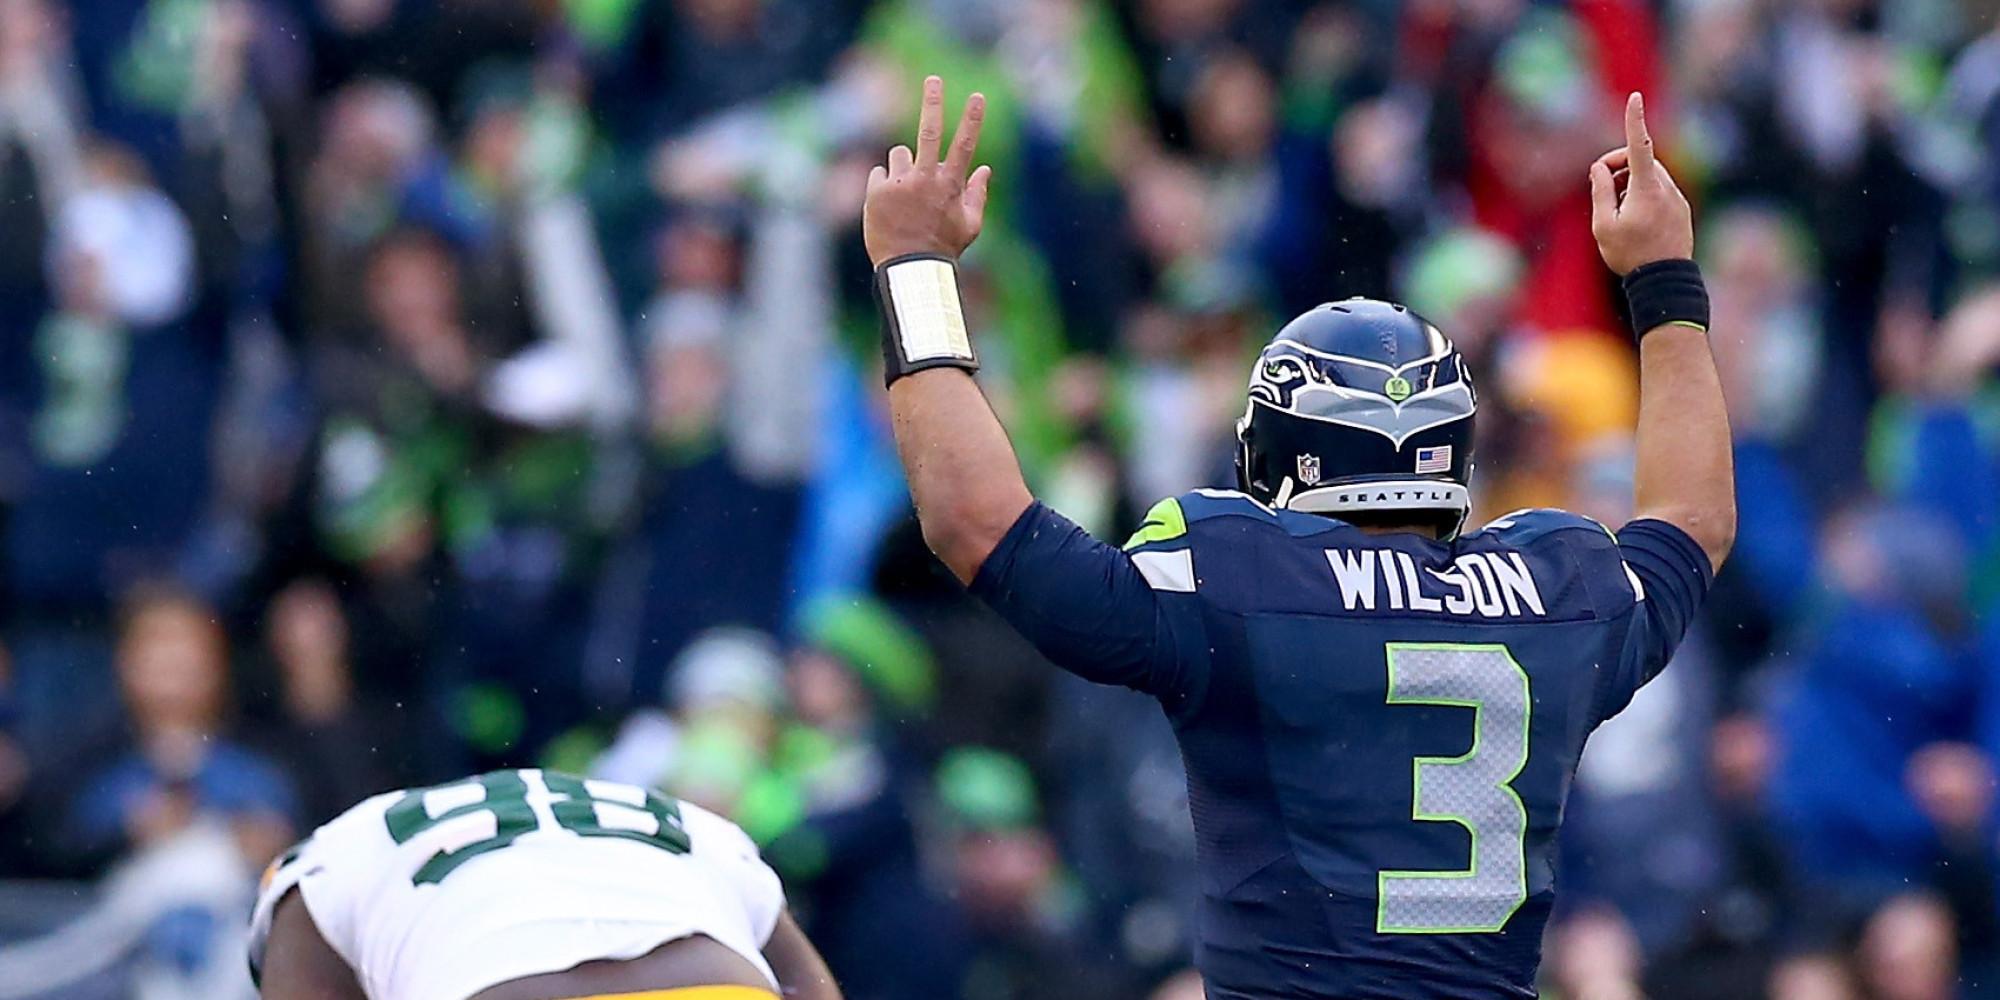 Seahawks fans russell wilson isn 39 t elite nik bonaddio - Seahawks wallpaper russell wilson ...